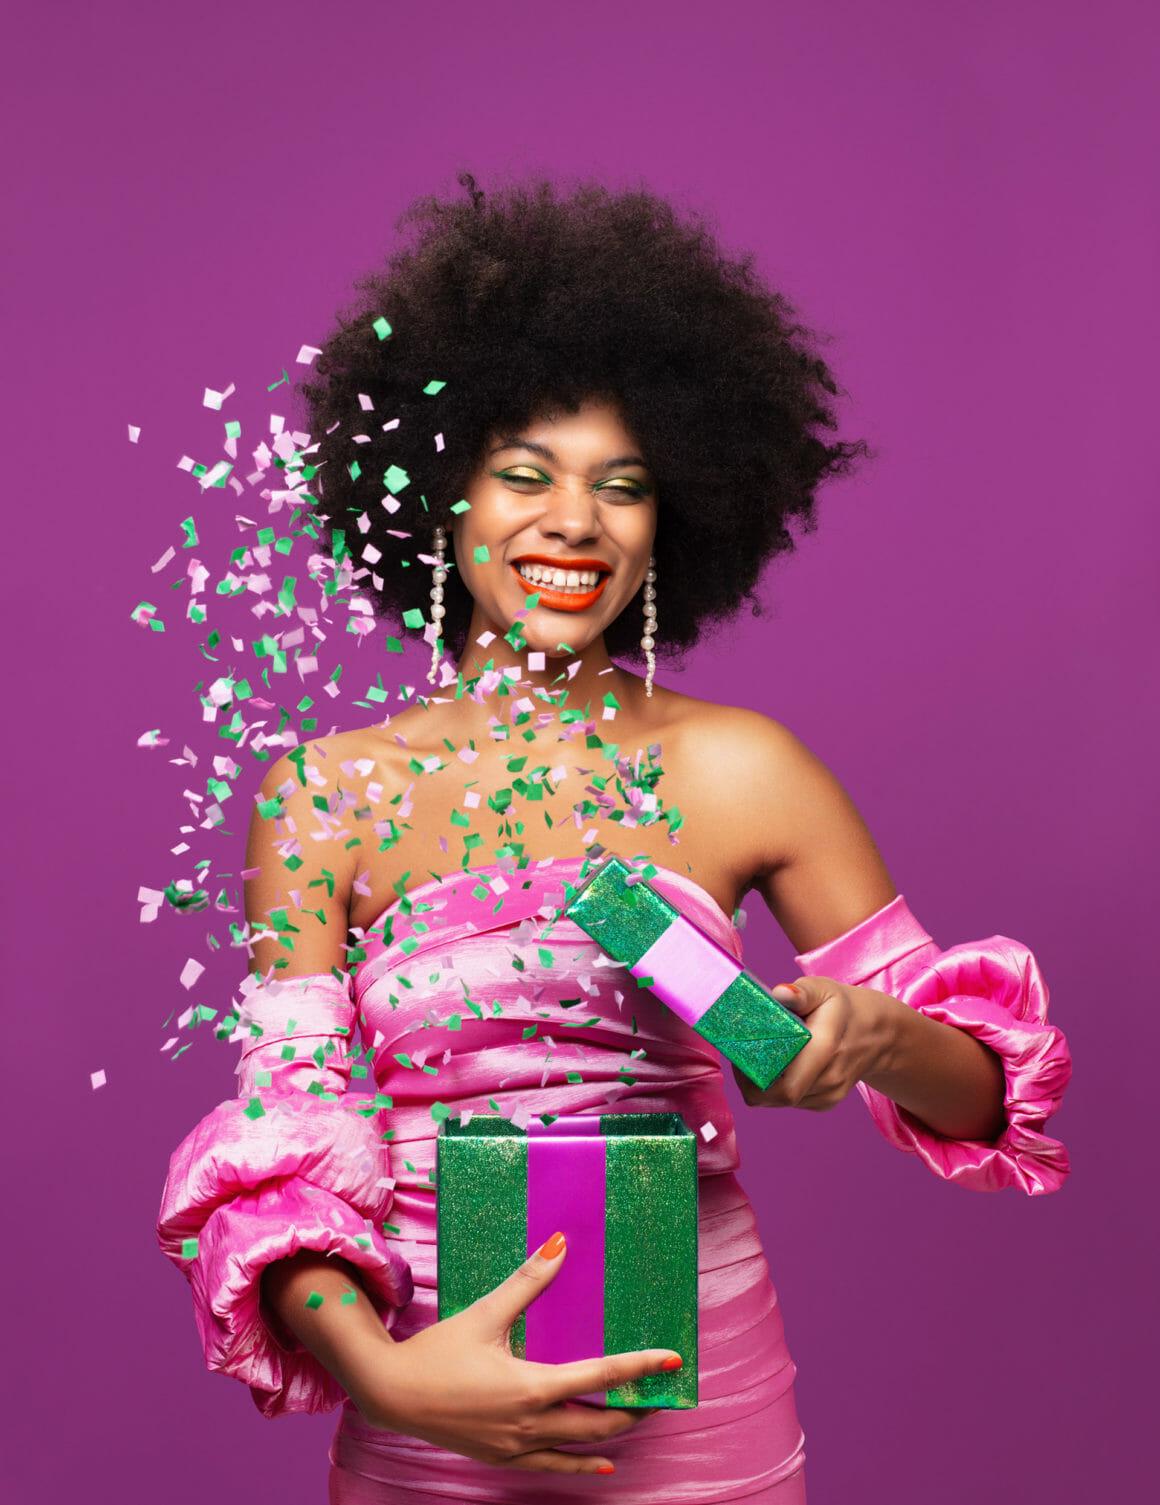 Une femme qui ouvre un cadeau d'où s'échappent des confettis.